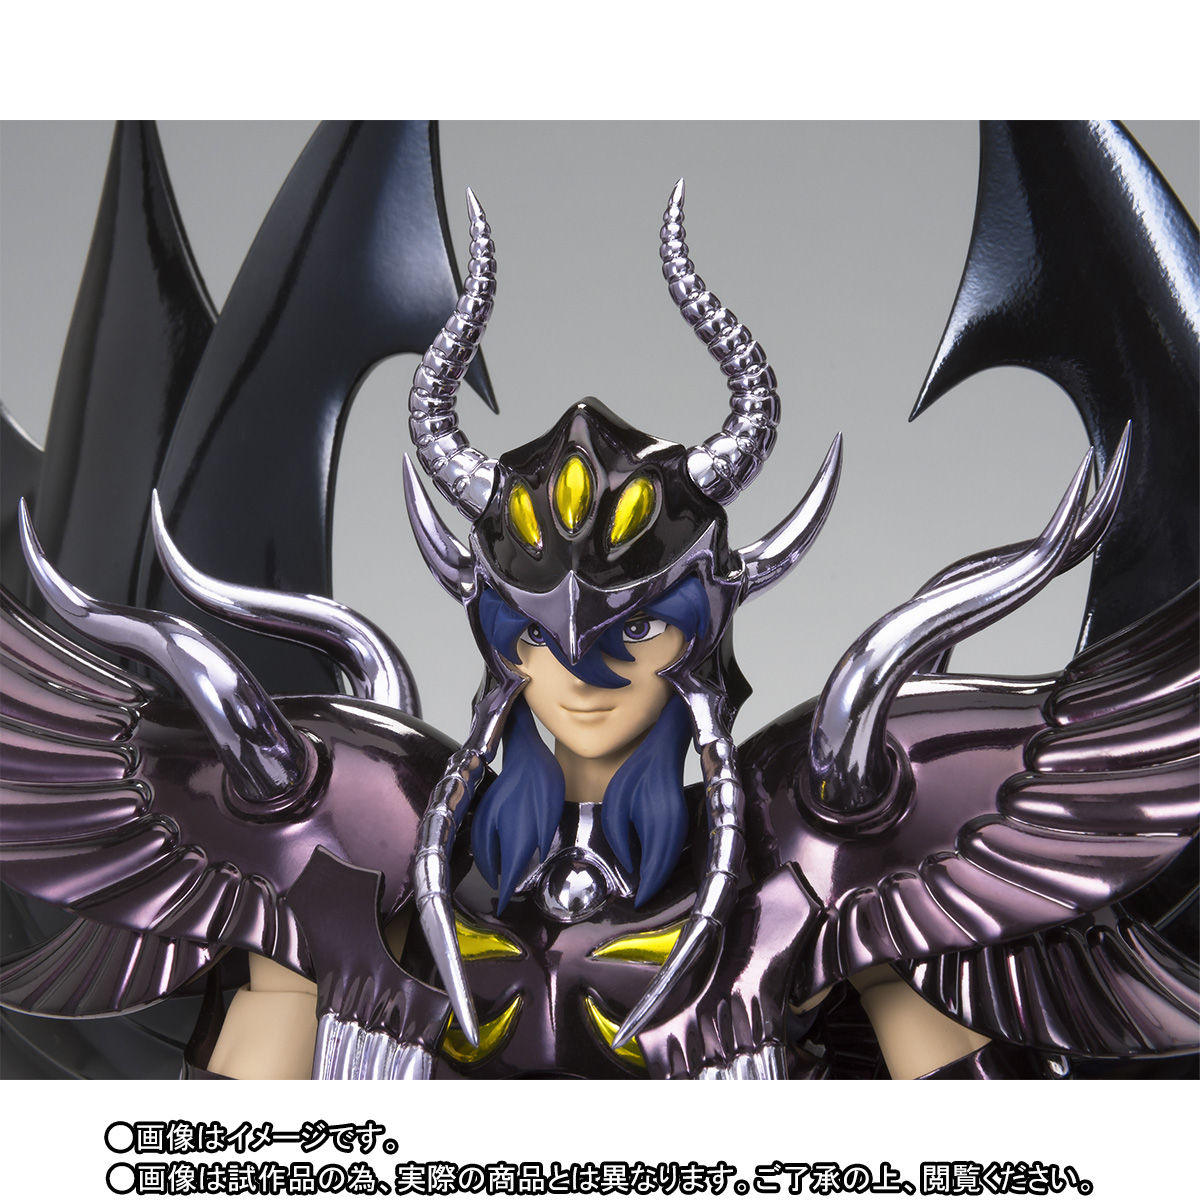 [Comentários] Aiacos de Garuda EX - Página 2 Nn7jY5MR_o